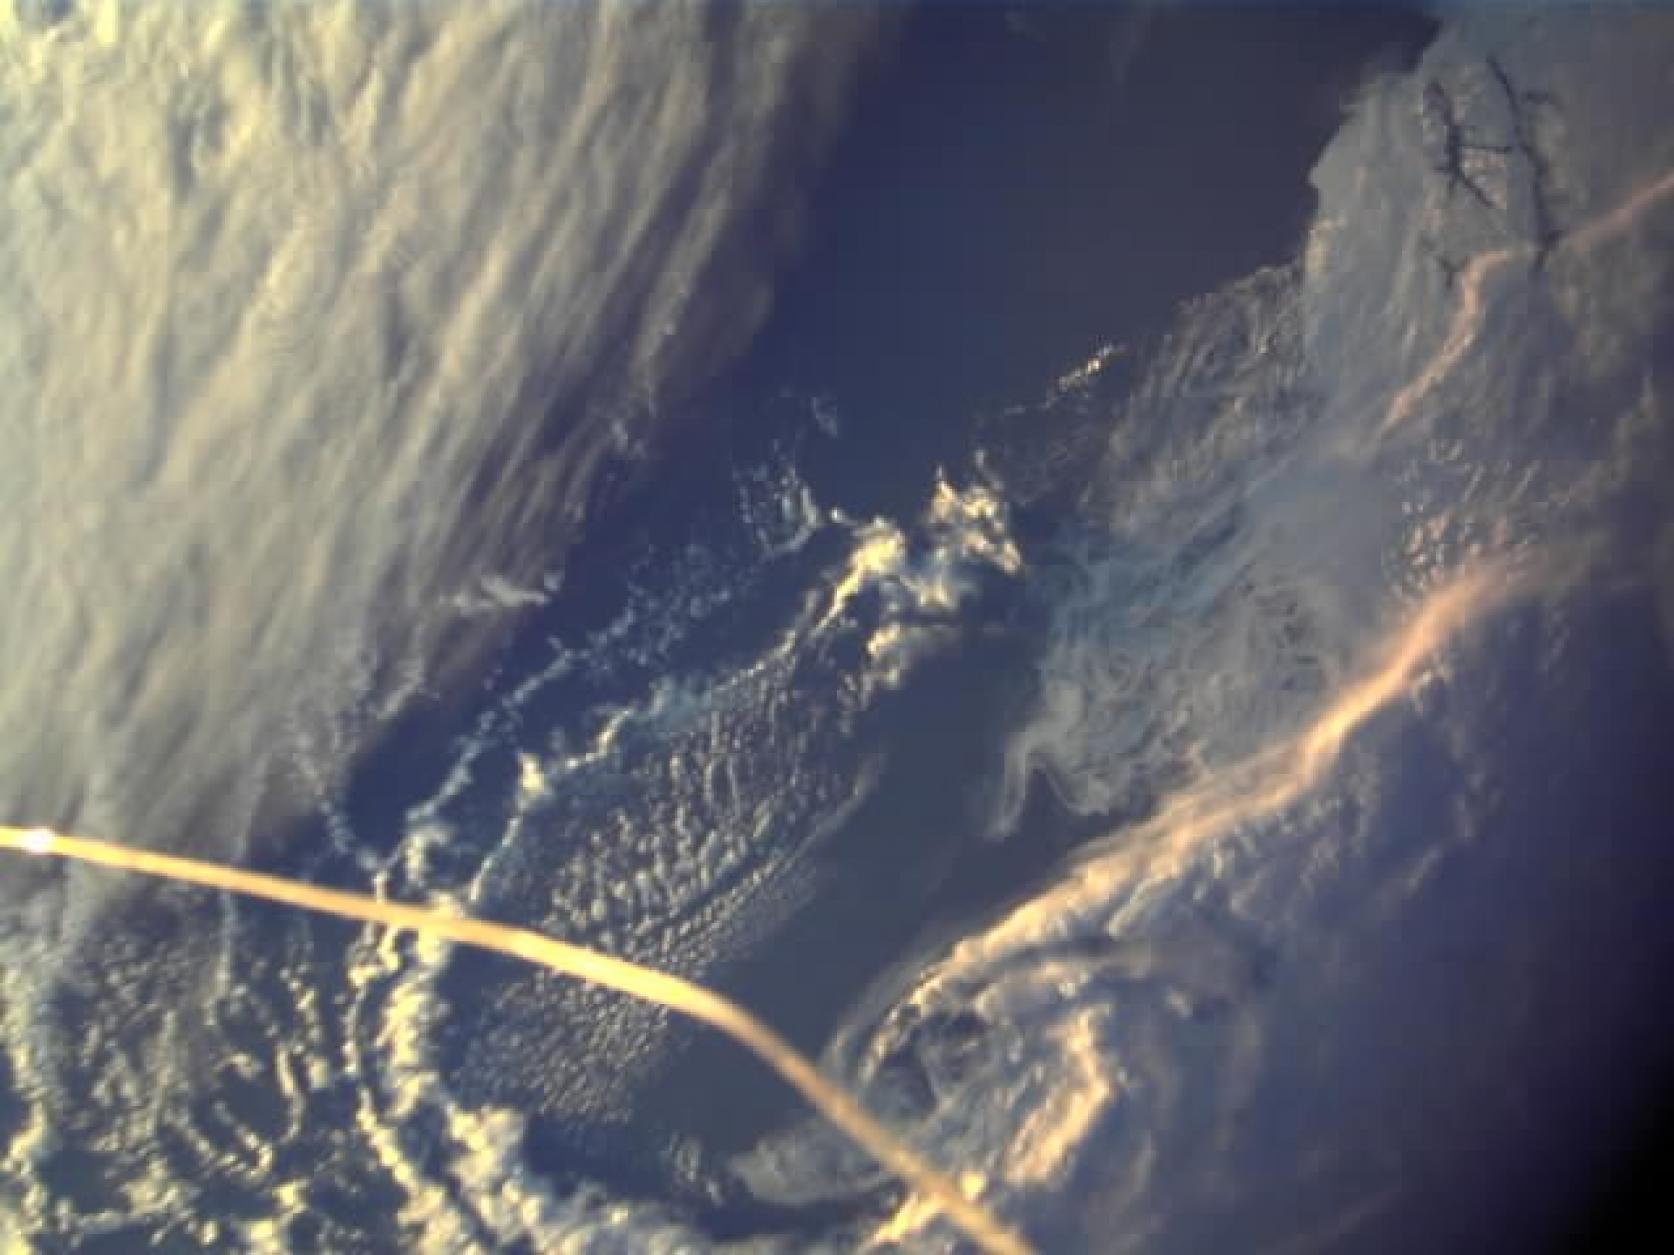 1月18日(金)に内之浦宇宙空間観測所からイプシロンロケット4号機で打上げられた、航空宇宙工学科 宇宙構造物システム研究室×JASMATが共同開発した人工衛星「NEXUS」から地球の写真が届きました。